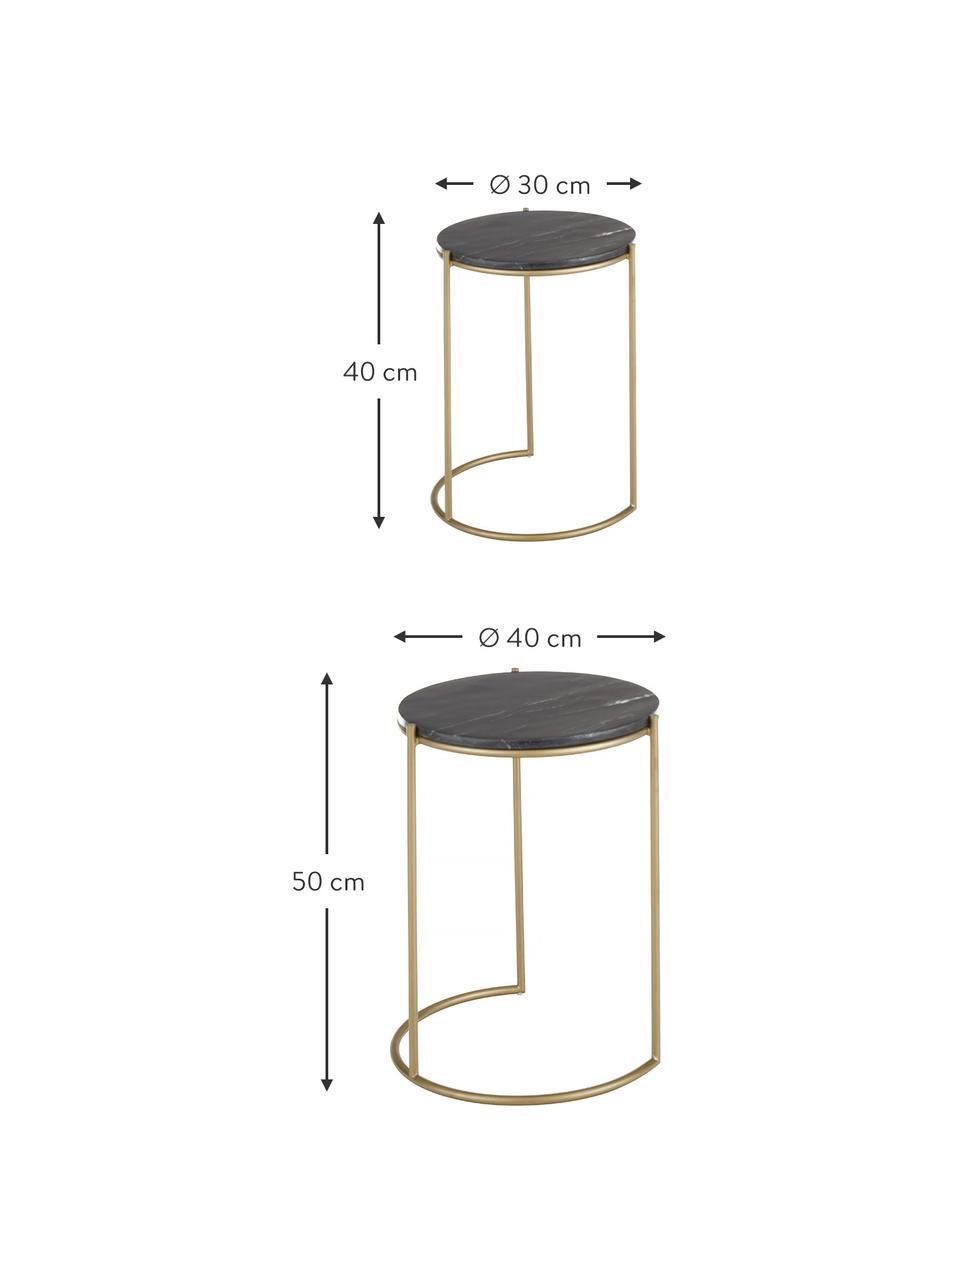 Marmor-Beistelltisch-Set Ella, 2-tlg., Schwarzer Marmor, Goldfarben, Sondergrößen